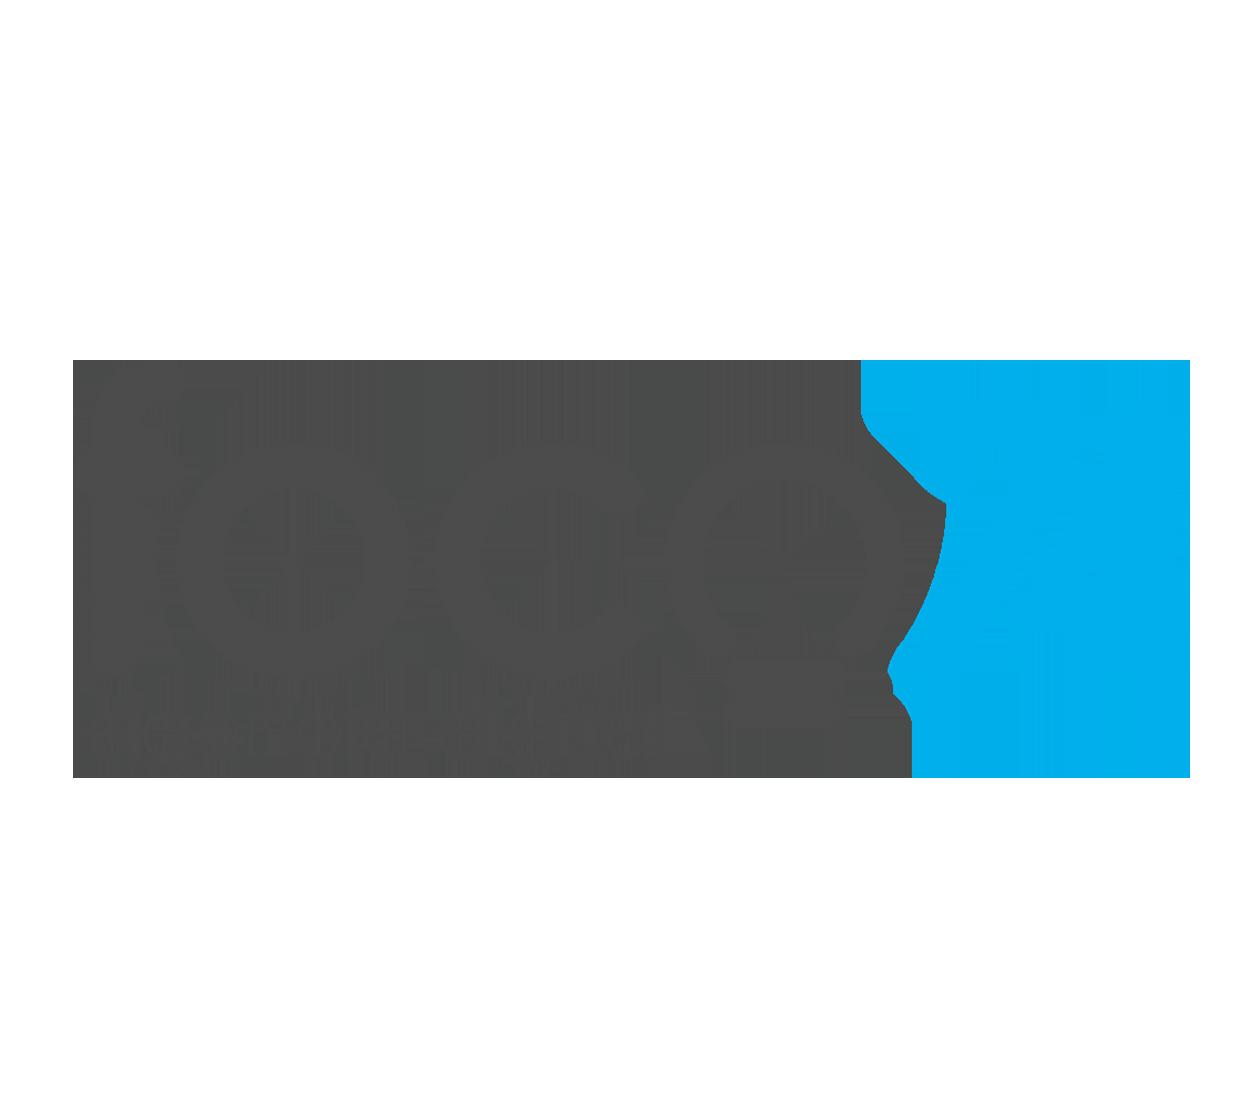 Foco74